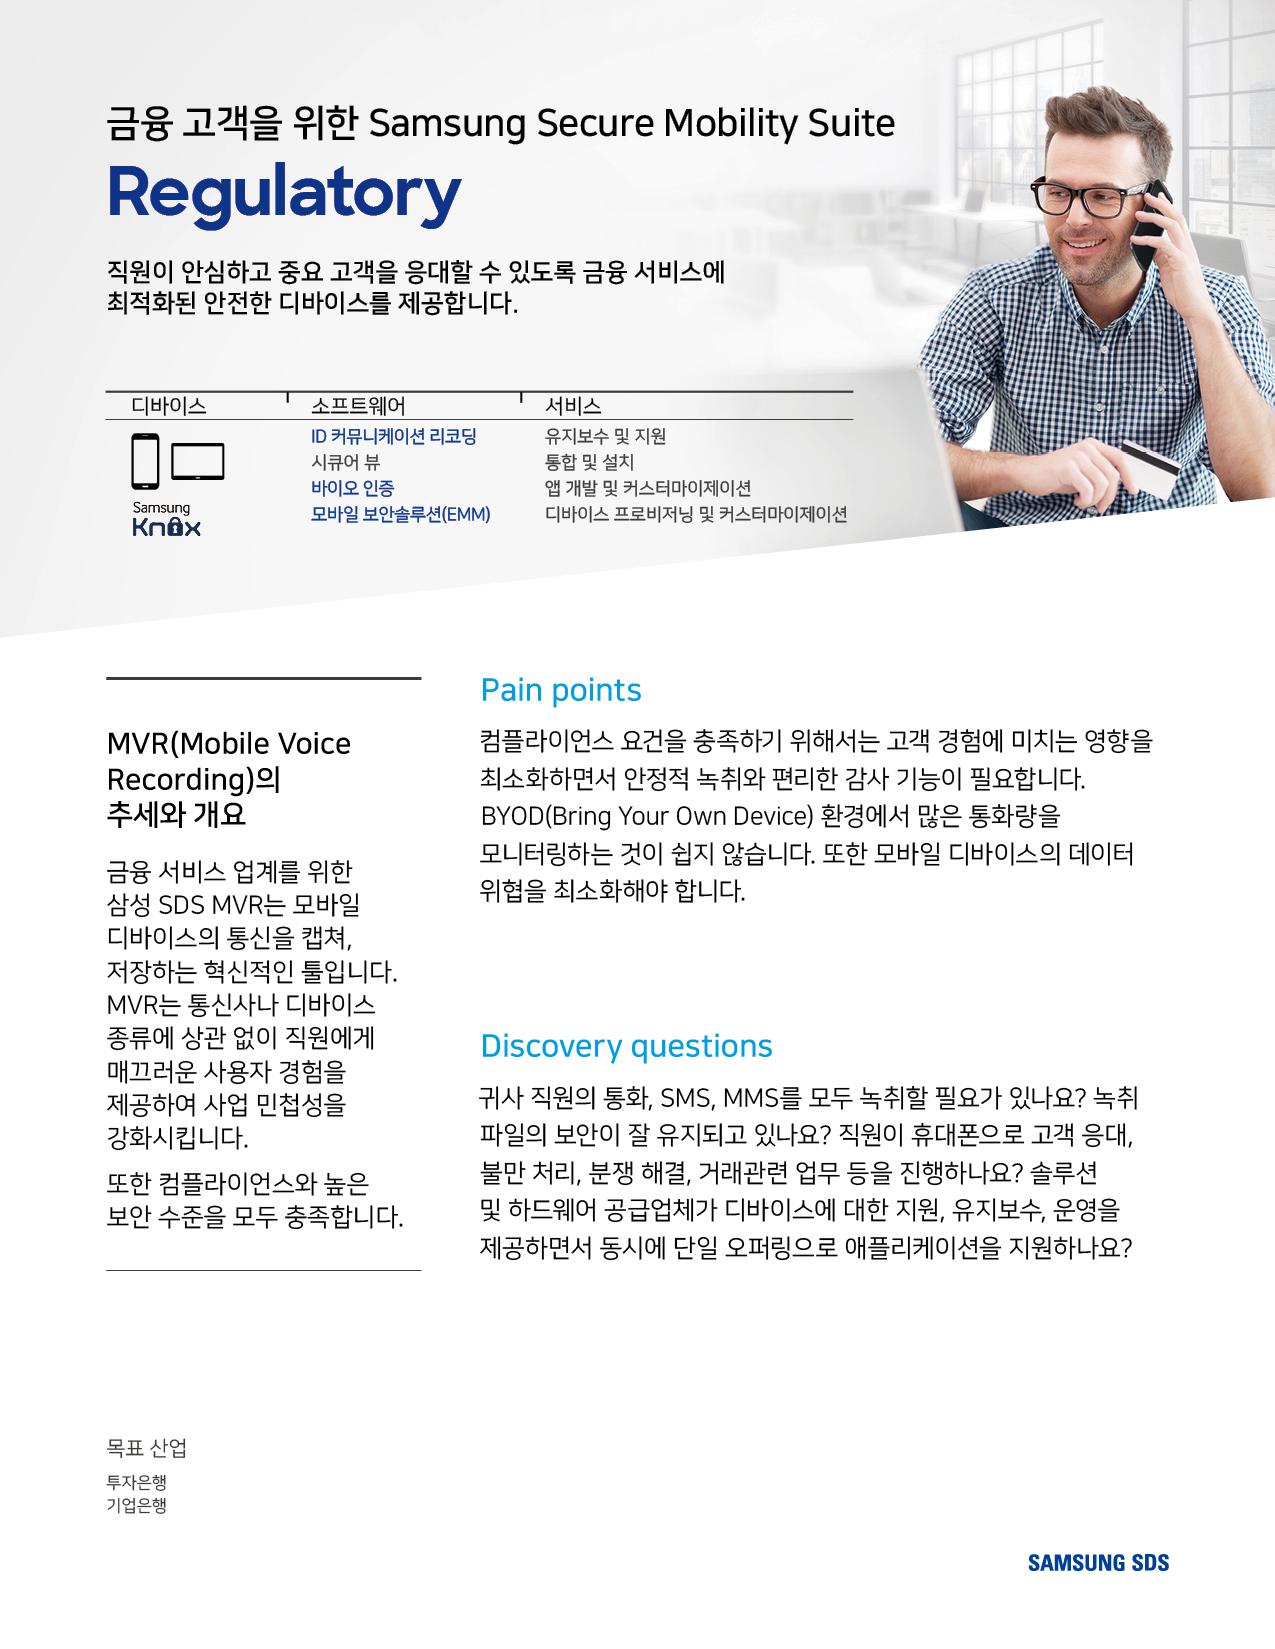 금융 고객을 위한 안전한 모빌리티 솔루션 1